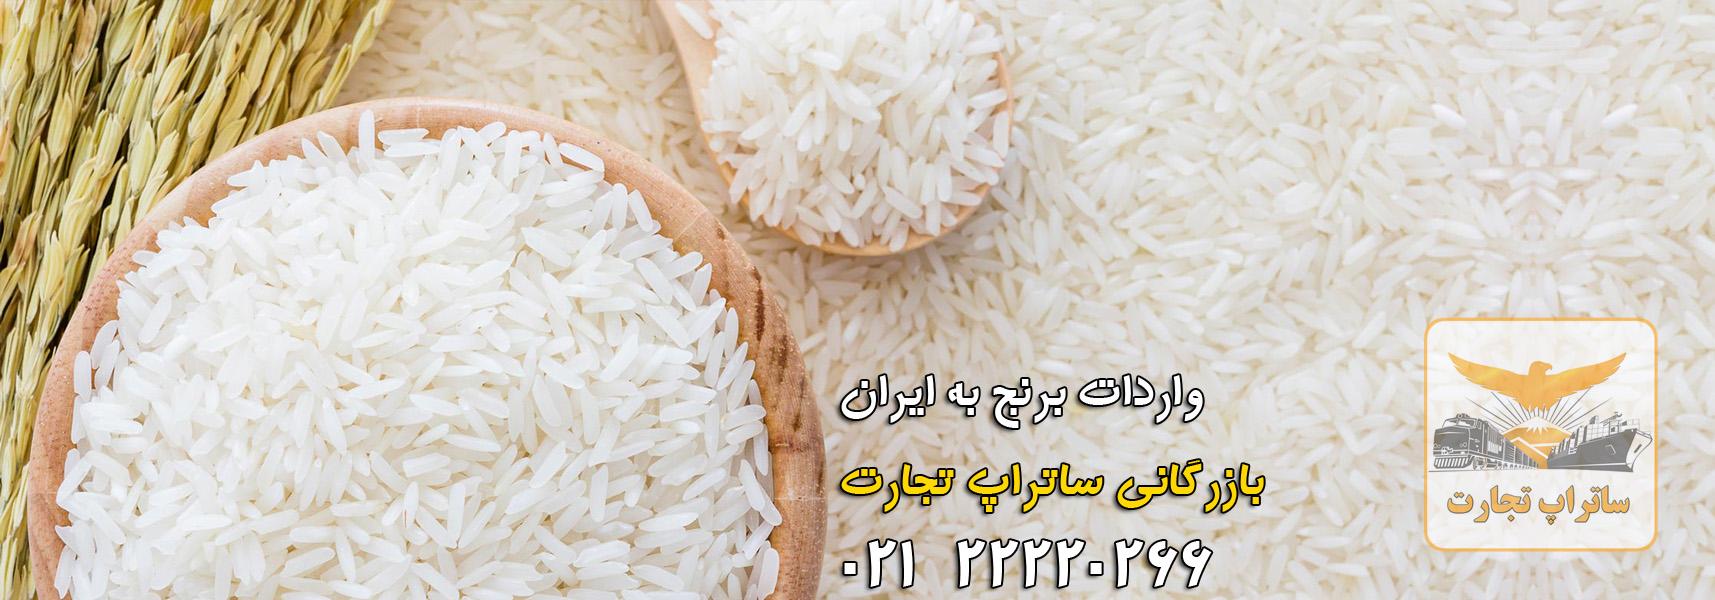 واردات برنج به ایران